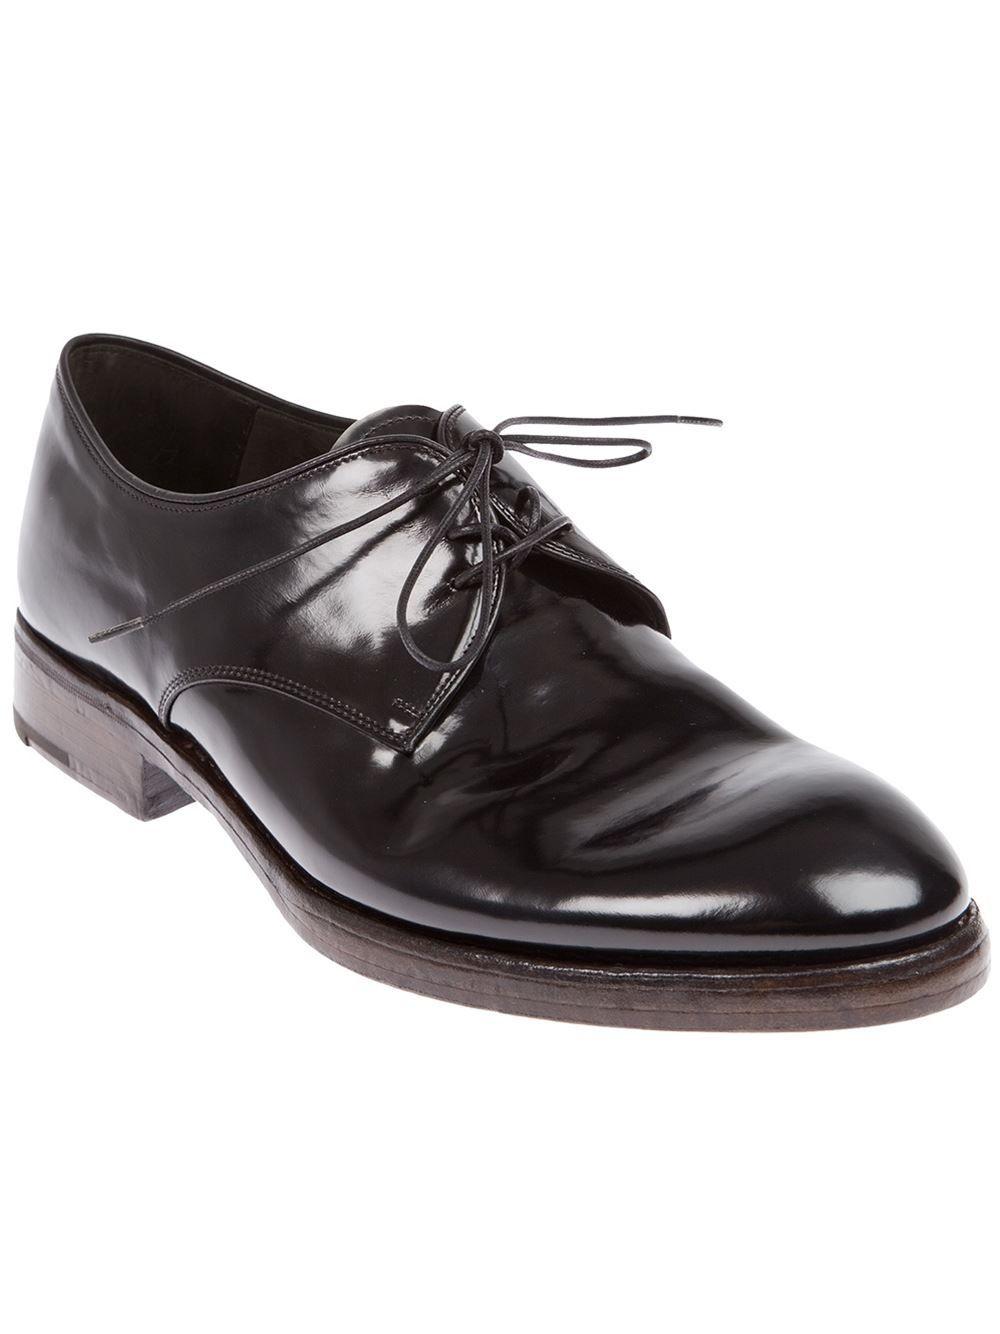 Premiata Contrast Sole Derby Shoe Hiphunters Shop Derby Shoes Dress Shoes Men Shoes [ 1334 x 1000 Pixel ]